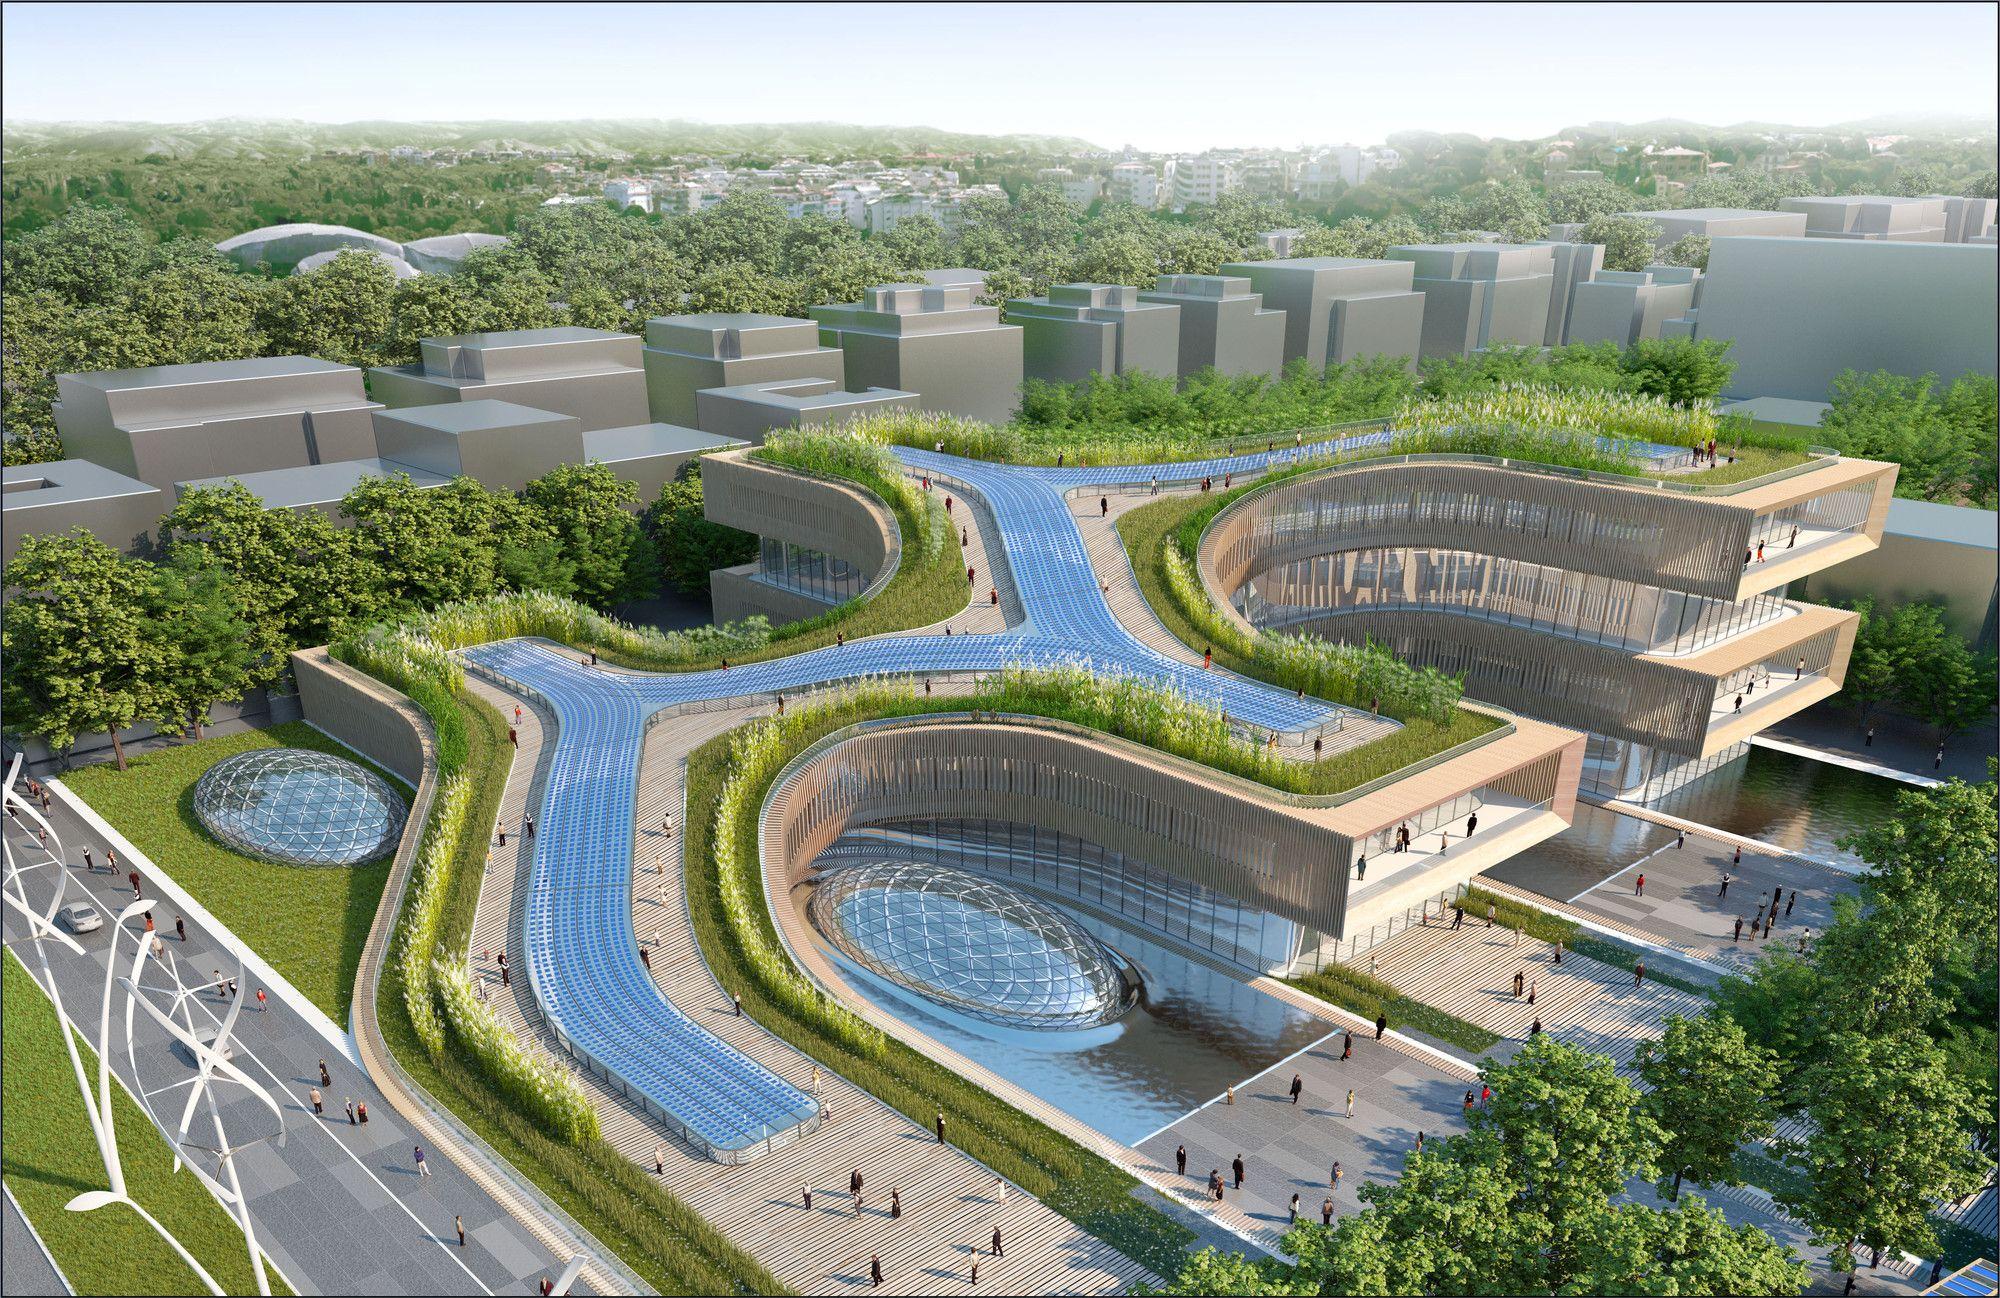 gallery of città della scienza masterplan predicts future of self